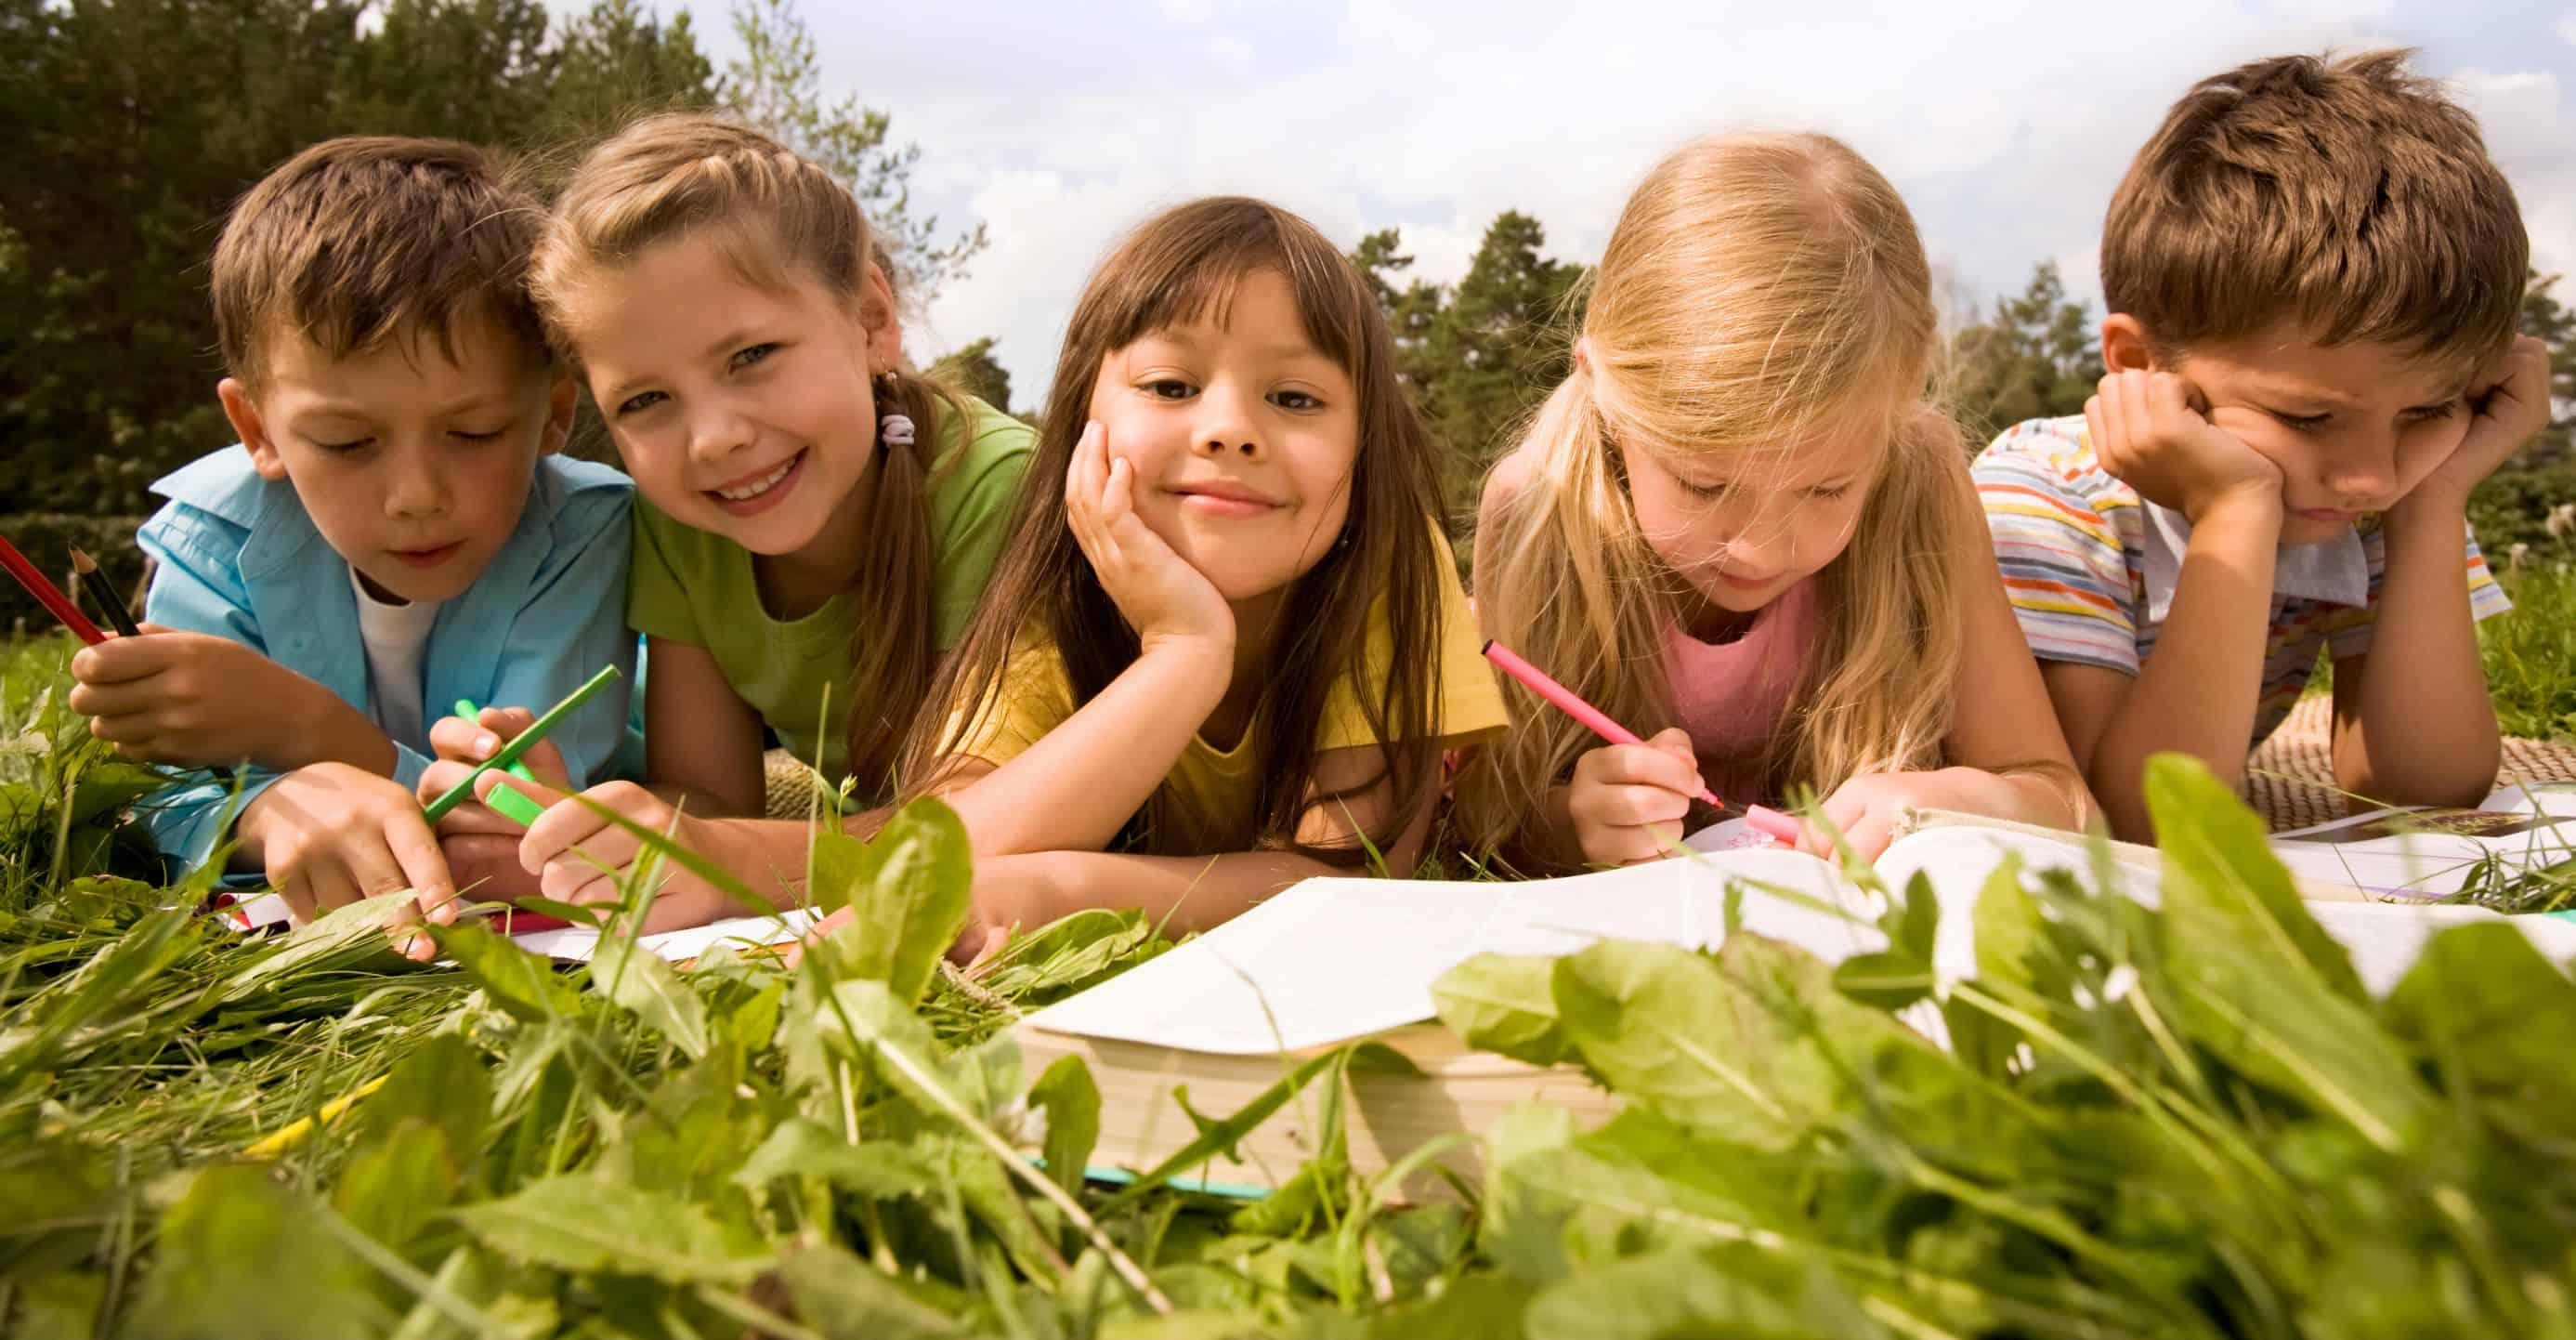 Hortkinder liegen auf der Wiese und lernen